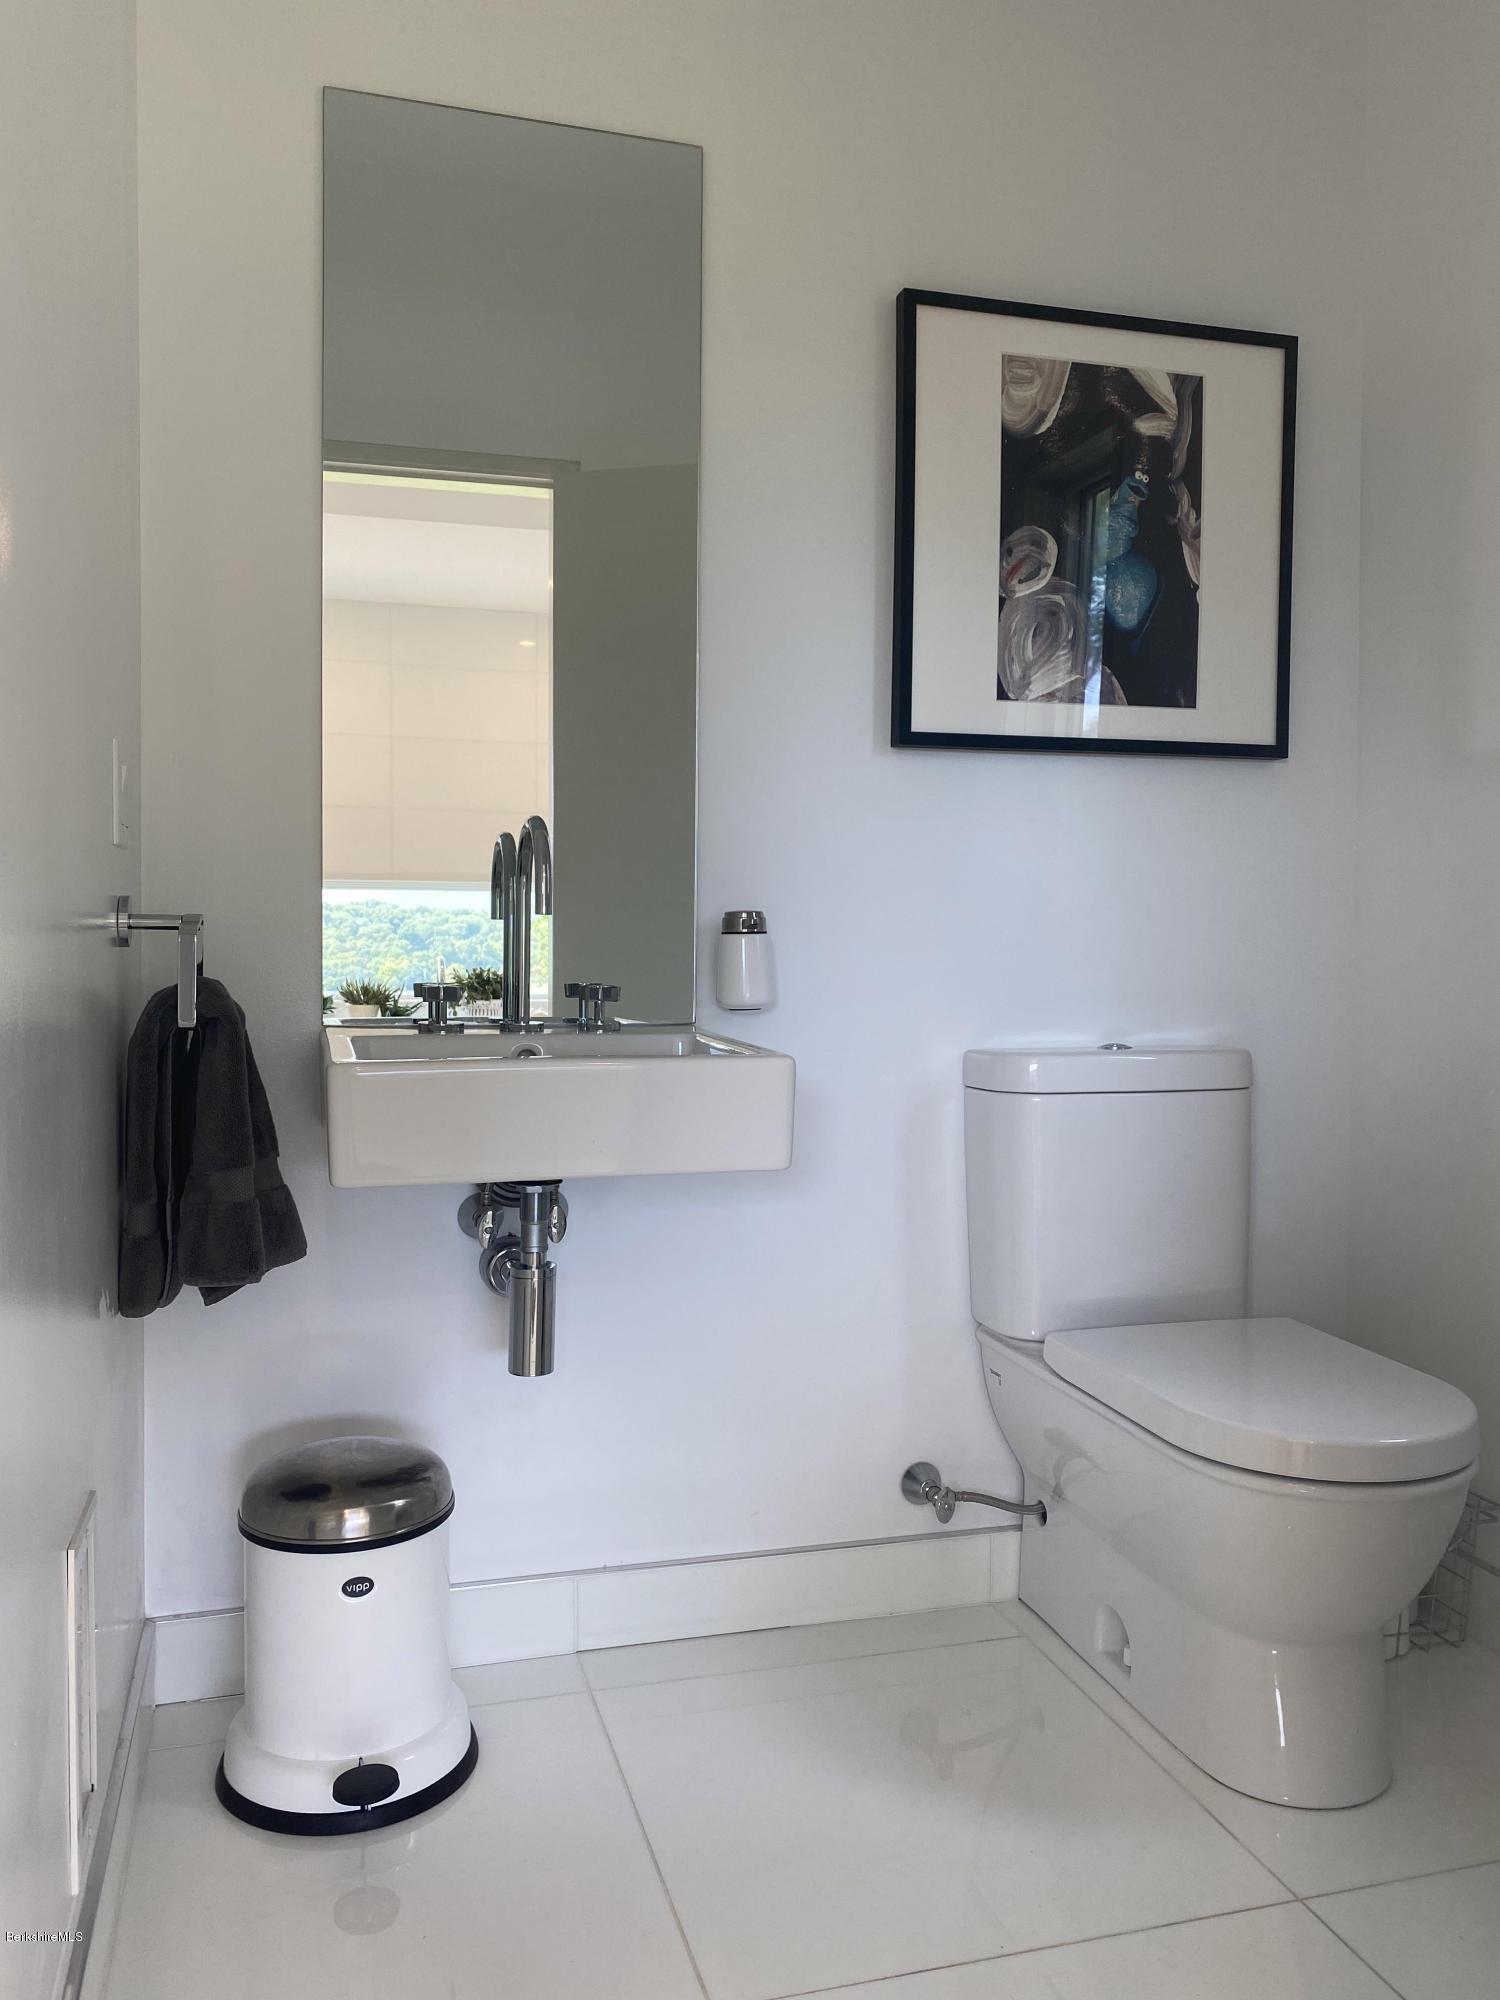 Property located at 102 Sky Farm Rd Copake NY 12516 photo